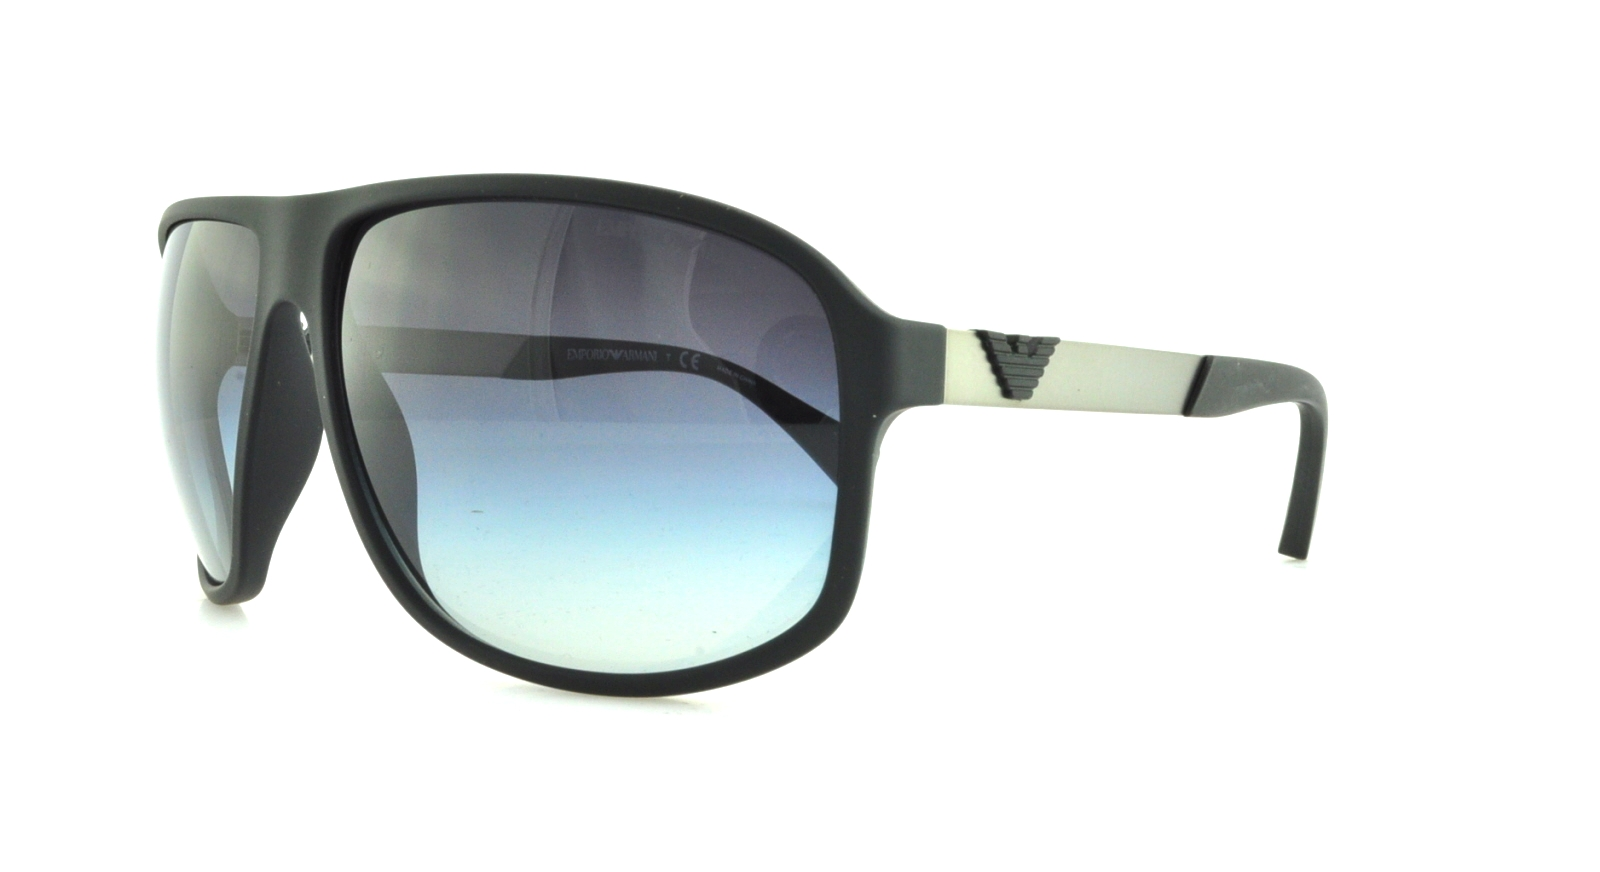 Emporio Armani EA4029 Sonnenbrille Schwarz 50638G 64mm 0TYMXFR